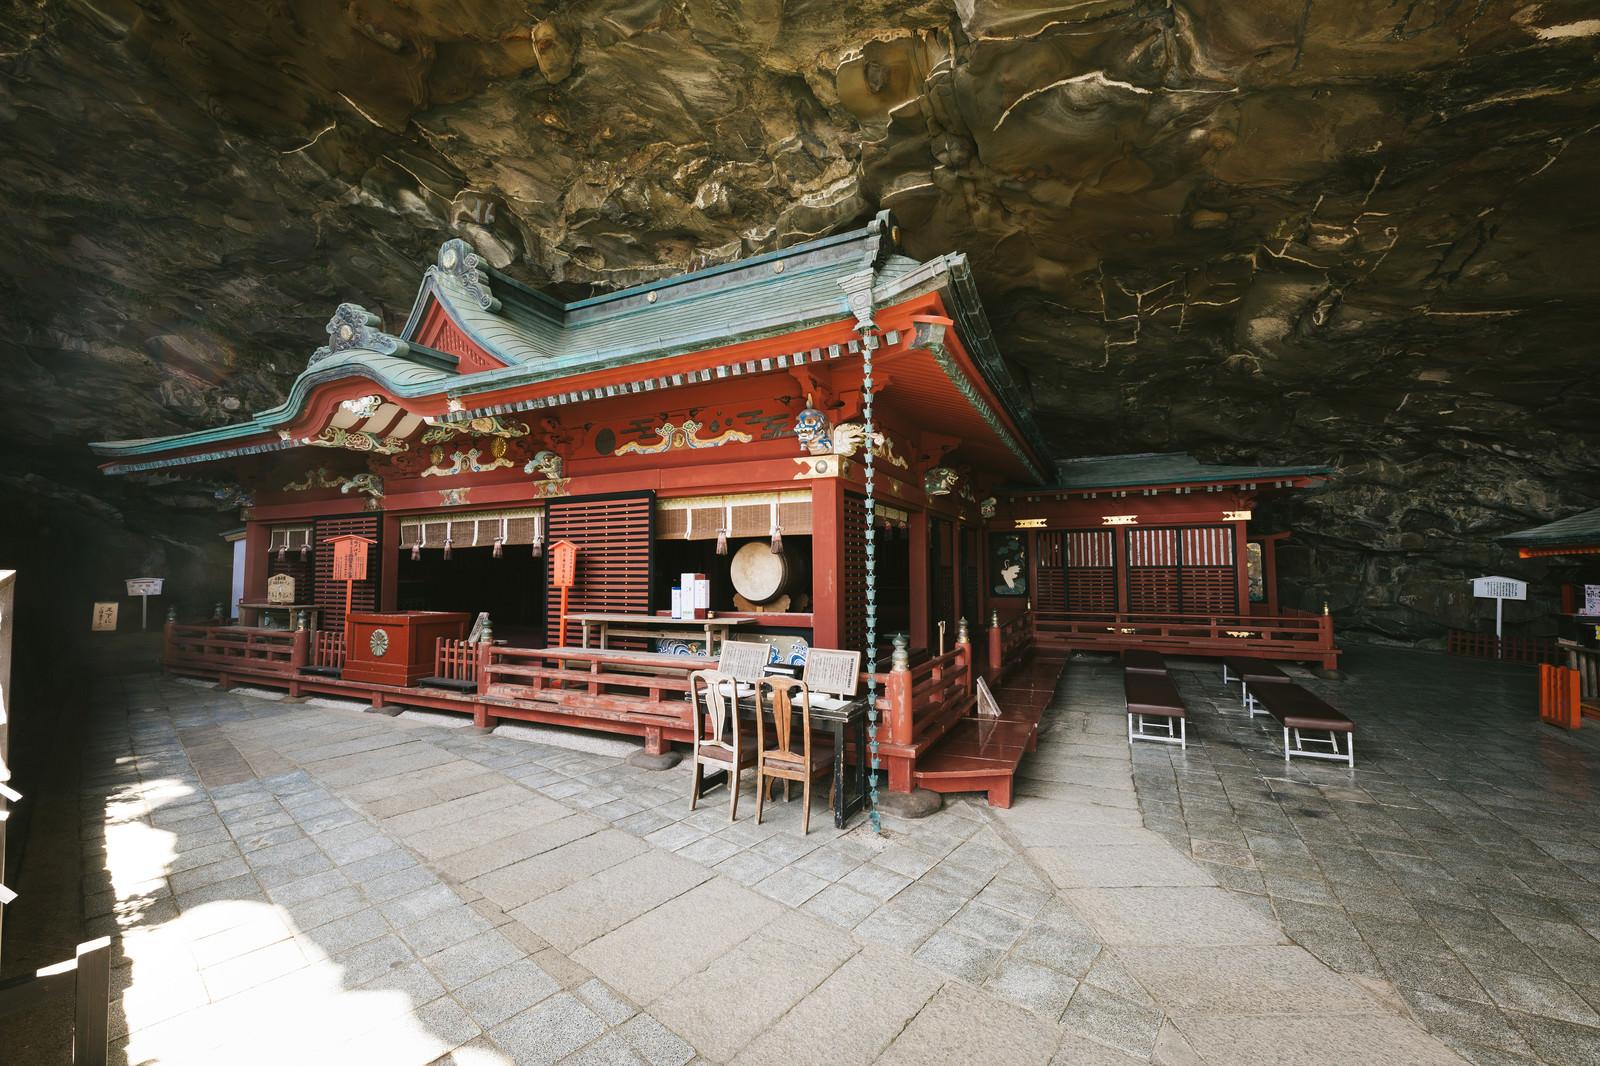 「岩窟内に本殿がある鵜戸神宮の神殿」の写真